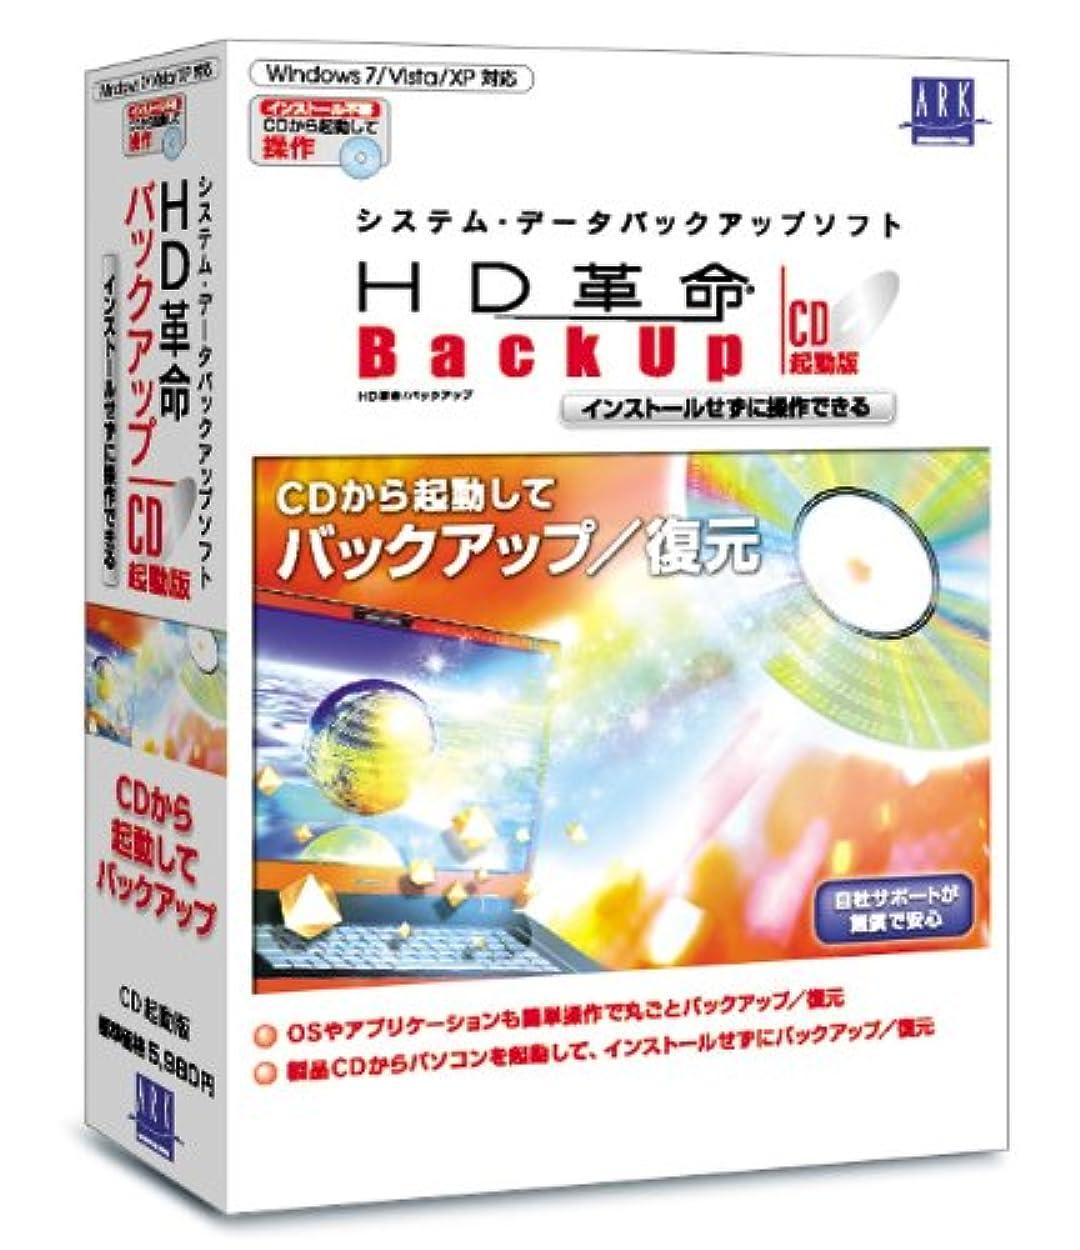 毎日科学インターネットHD革命/BackUp CD起動版